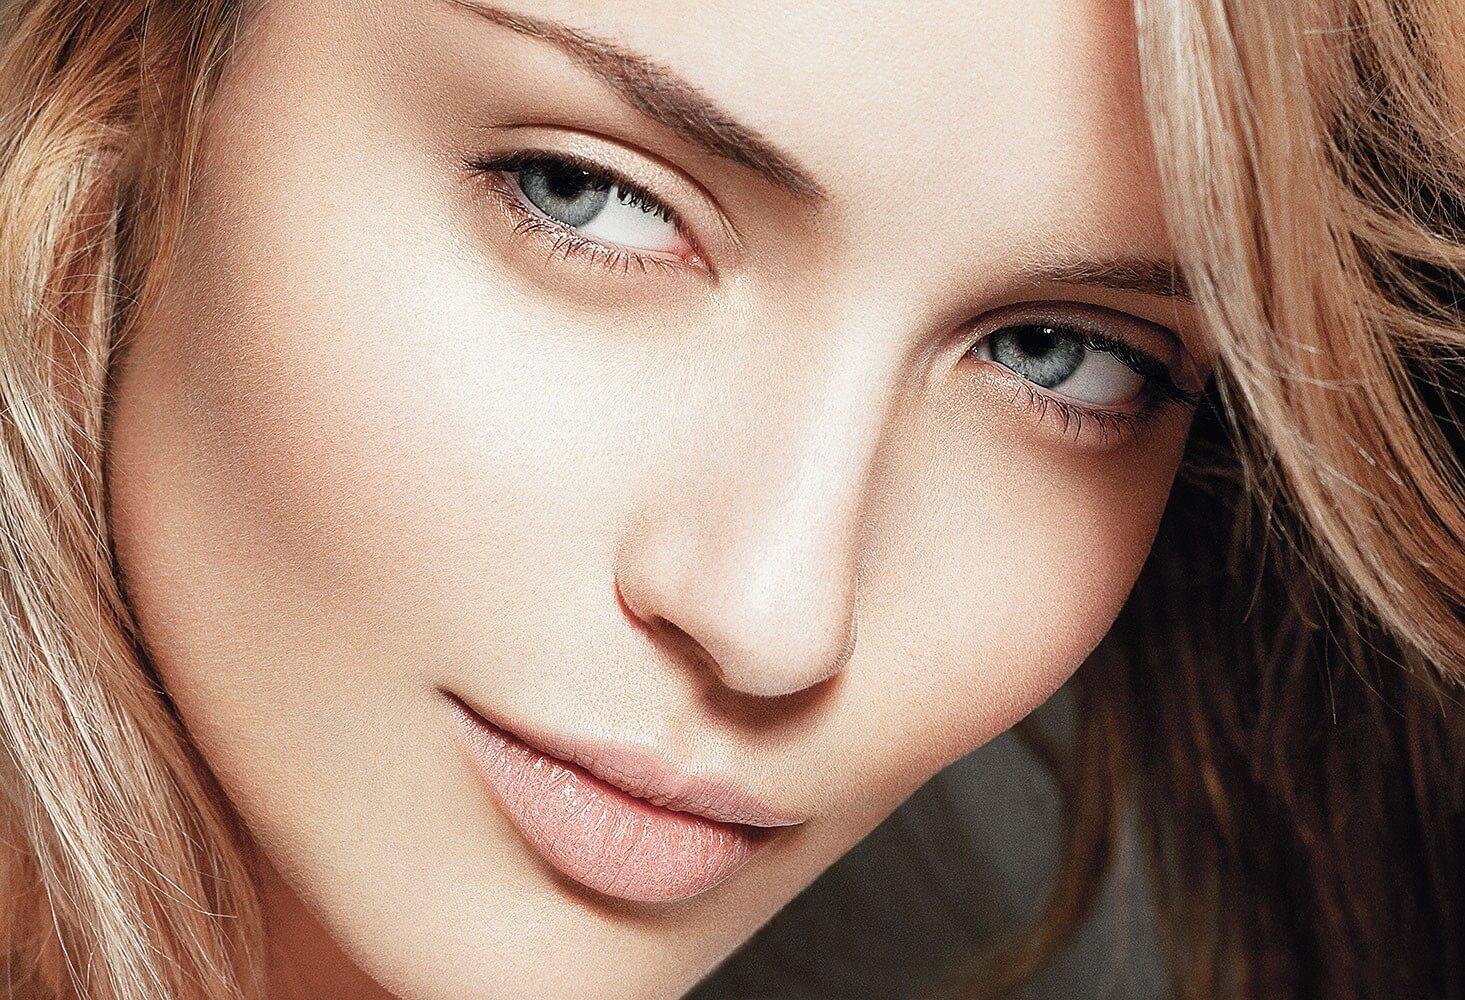 Как сохранить молодое и красивое лицо во время похудания. Худеем легко без диет и тренировок.